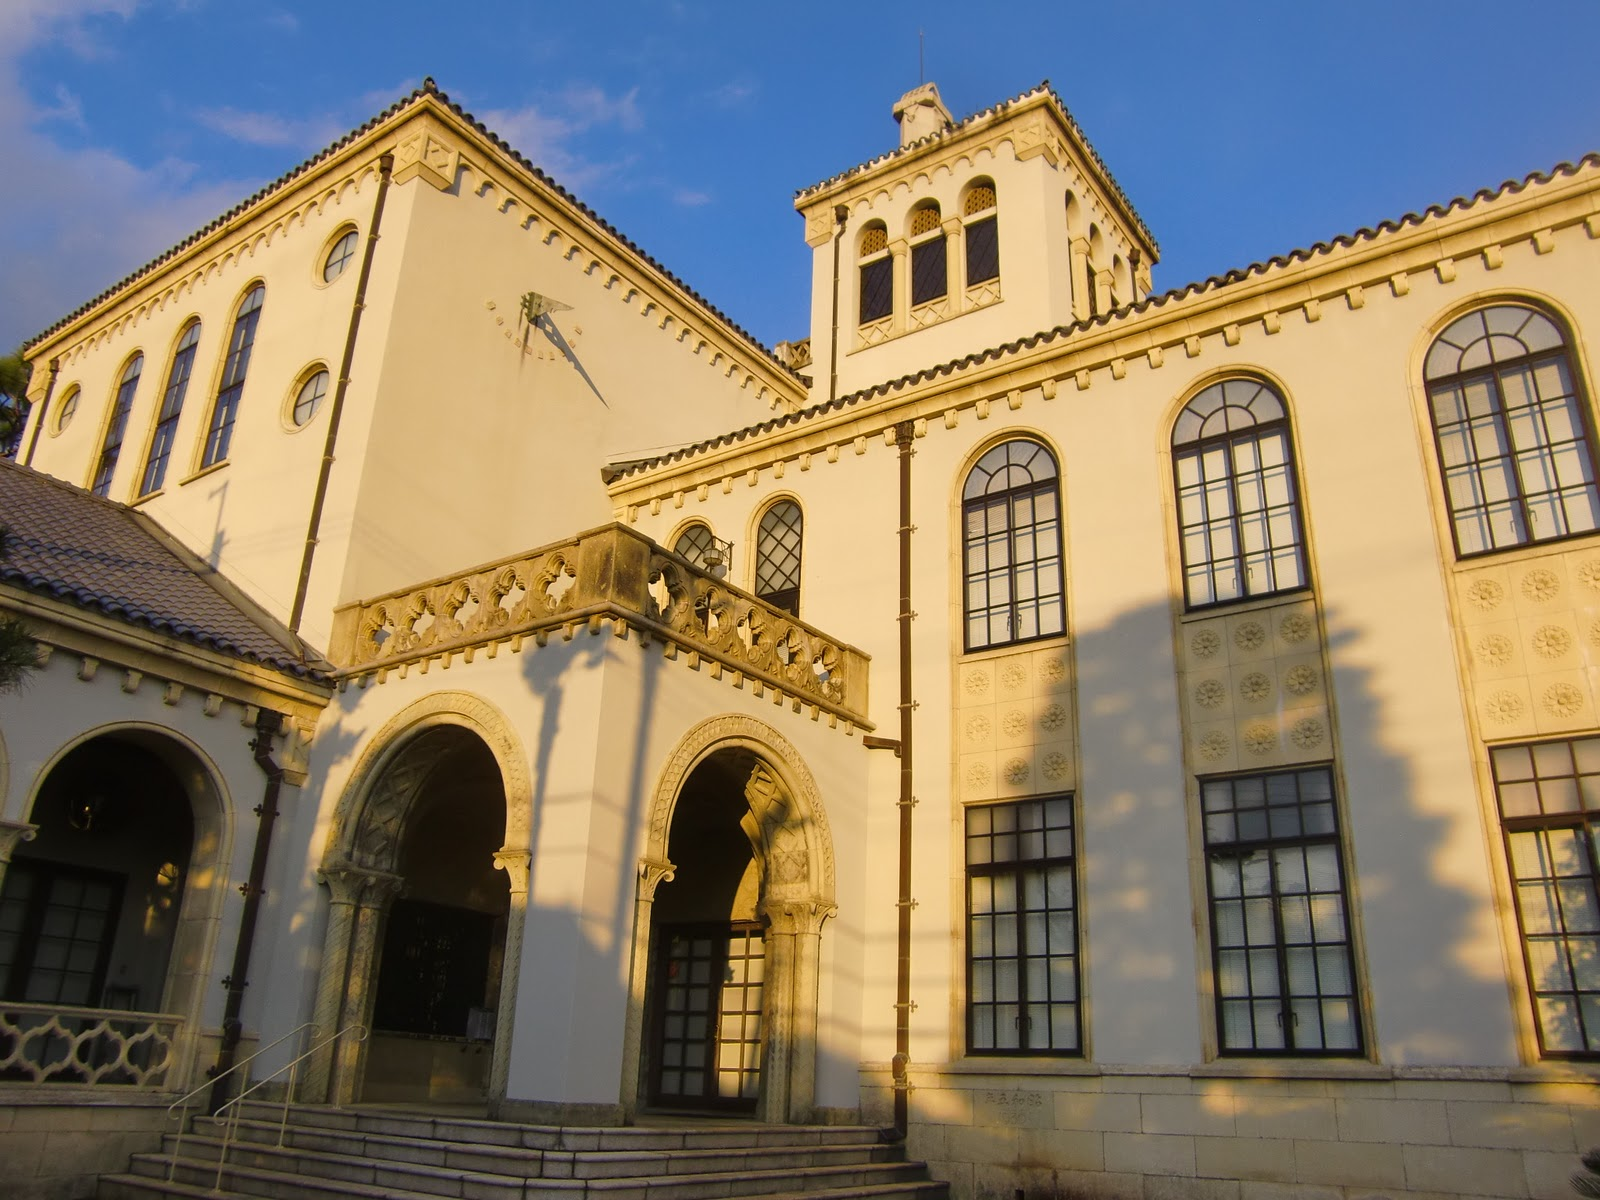 建物の歴史はこのセンターのHPに詳しい。 相和5年竣工設計者は武田五一 (関西の歴史的建造物には、この方の設計になるものが多い)